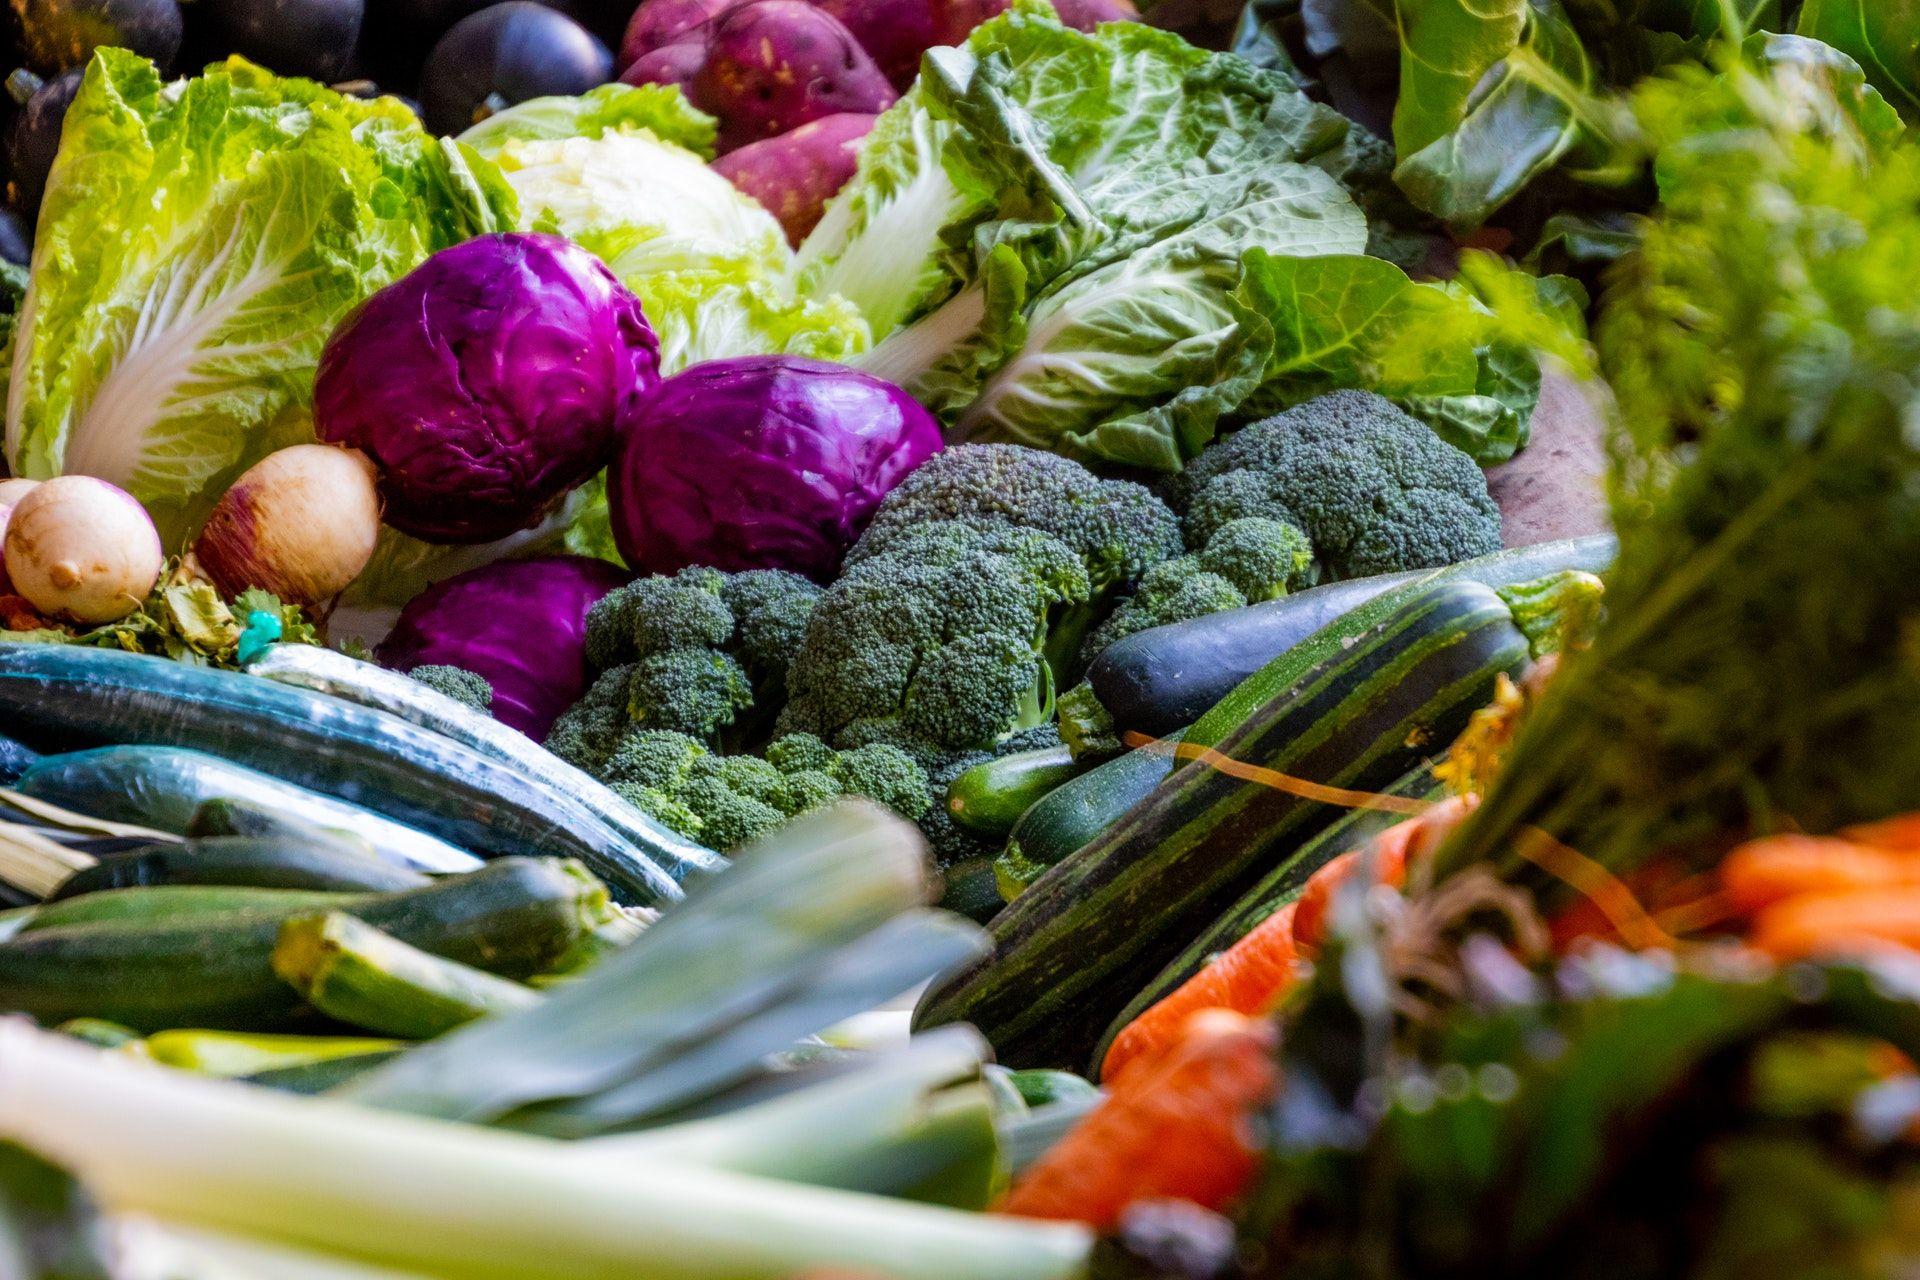 Erilaisia ja erivärisiä vihanneksia kasassa: parsakallia, purjoa, punakaalia, sipulia, salaattia, porkkana, kurkkua...